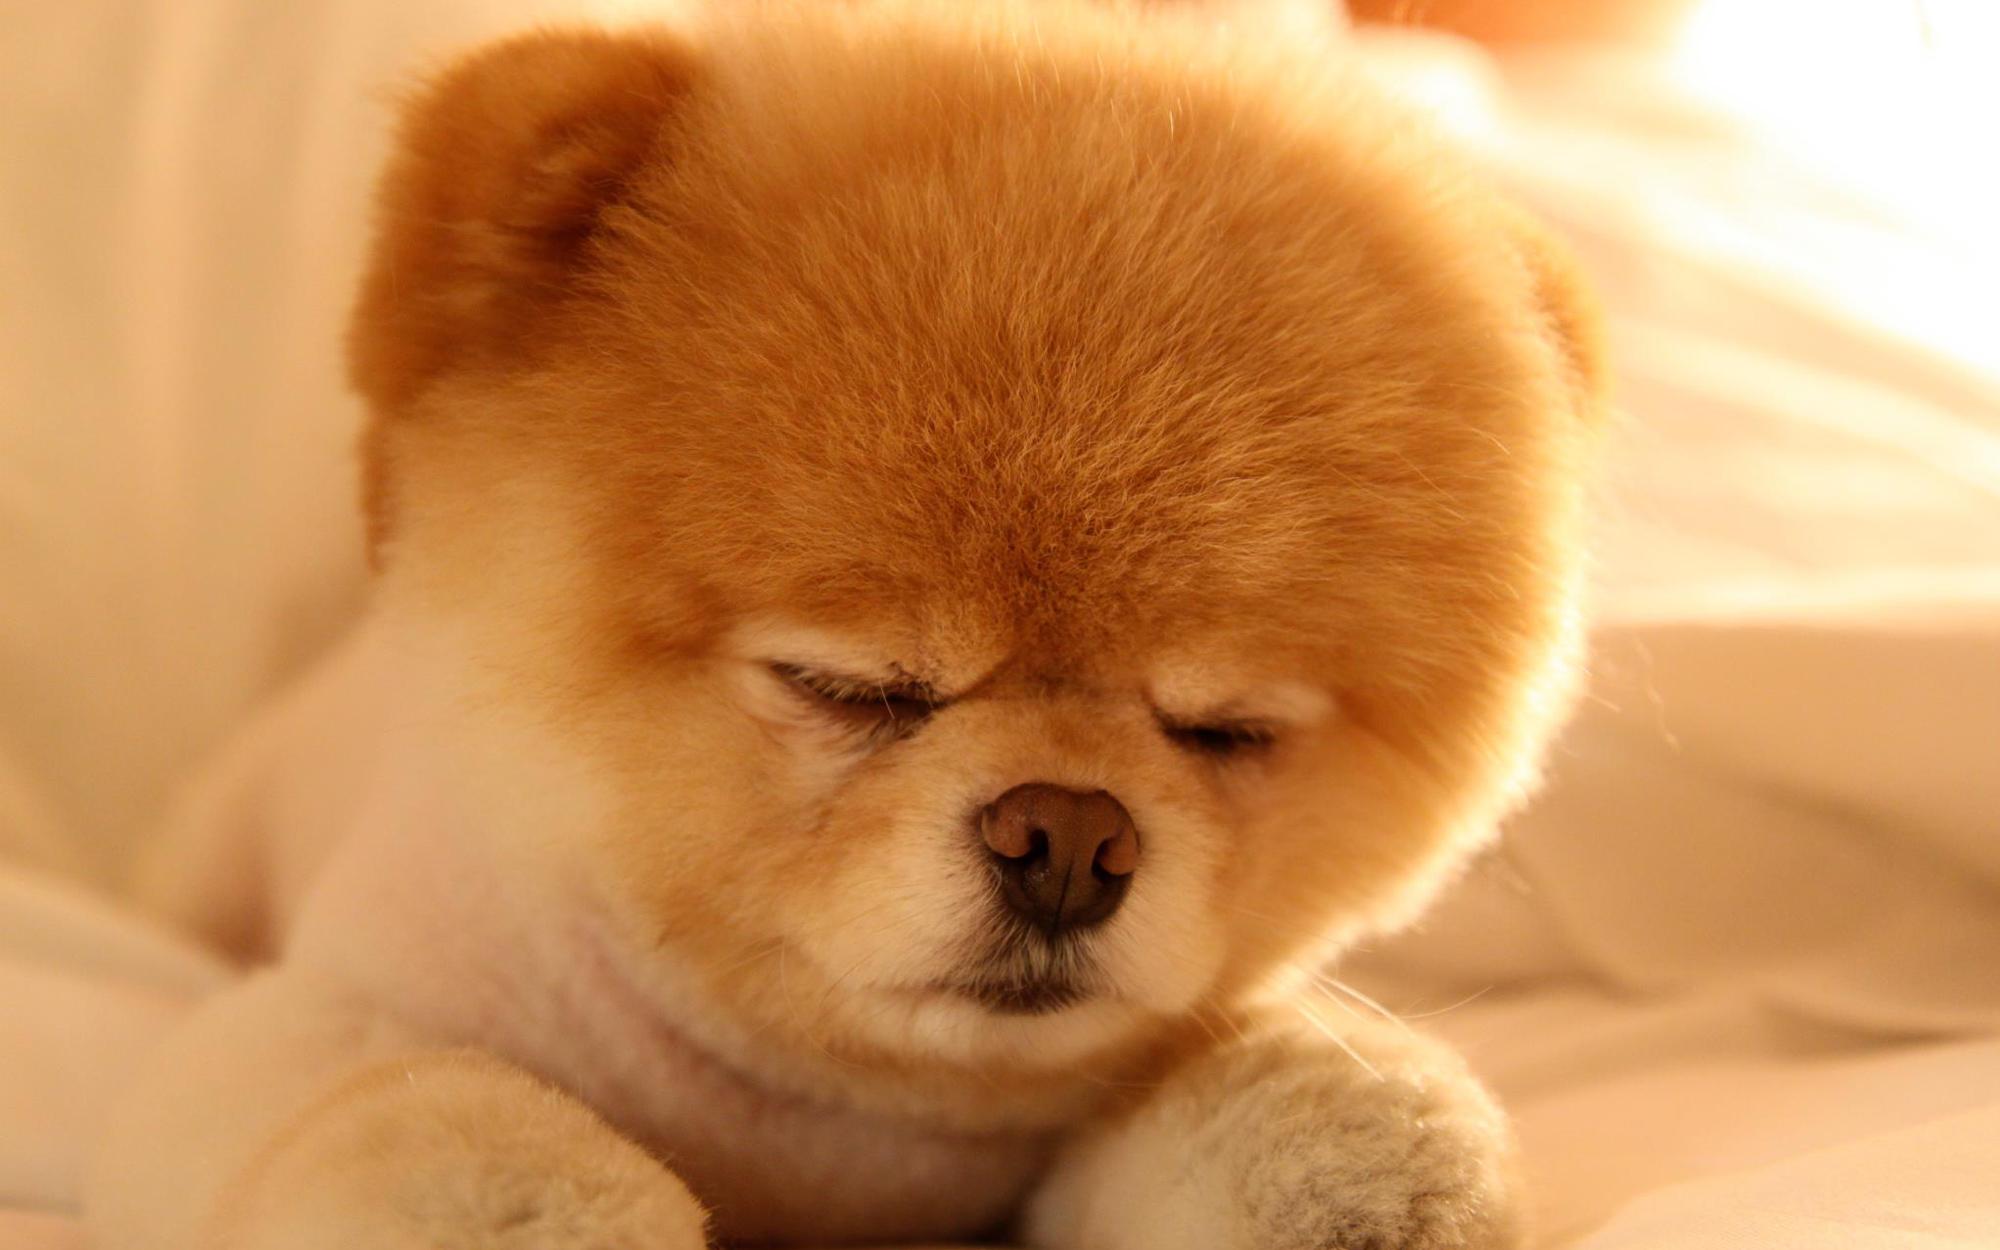 Cute Dogs Wallpapers Cute Baby Dog Wallpaper Wallpapersafari